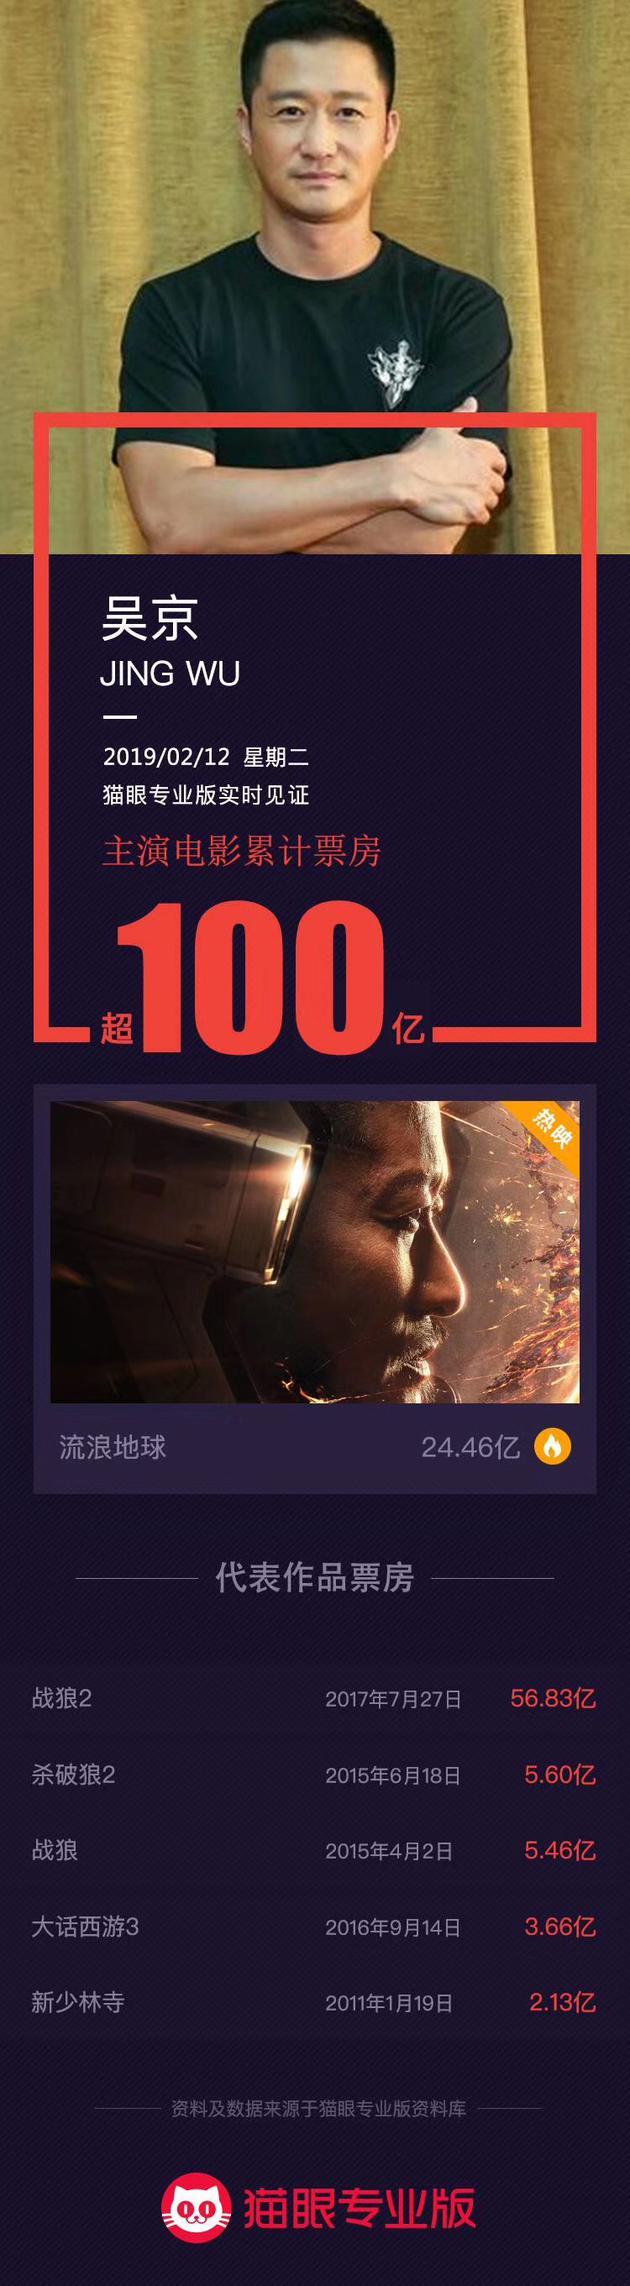 吴京主演电影票房破百亿